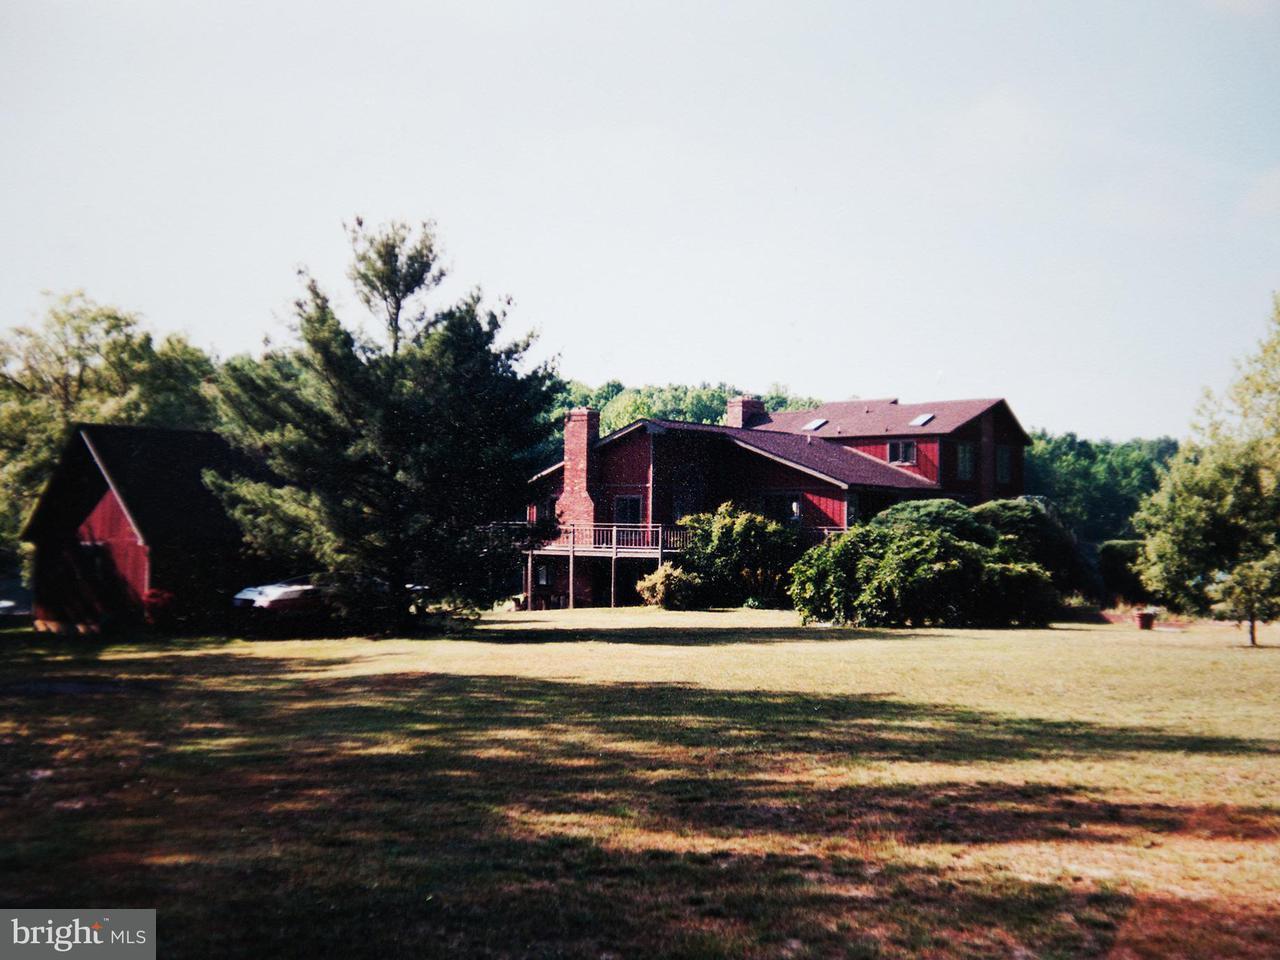 獨棟家庭住宅 為 出售 在 4 Norgate Court 4 Norgate Court Ruther Glen, 弗吉尼亞州 22546 美國